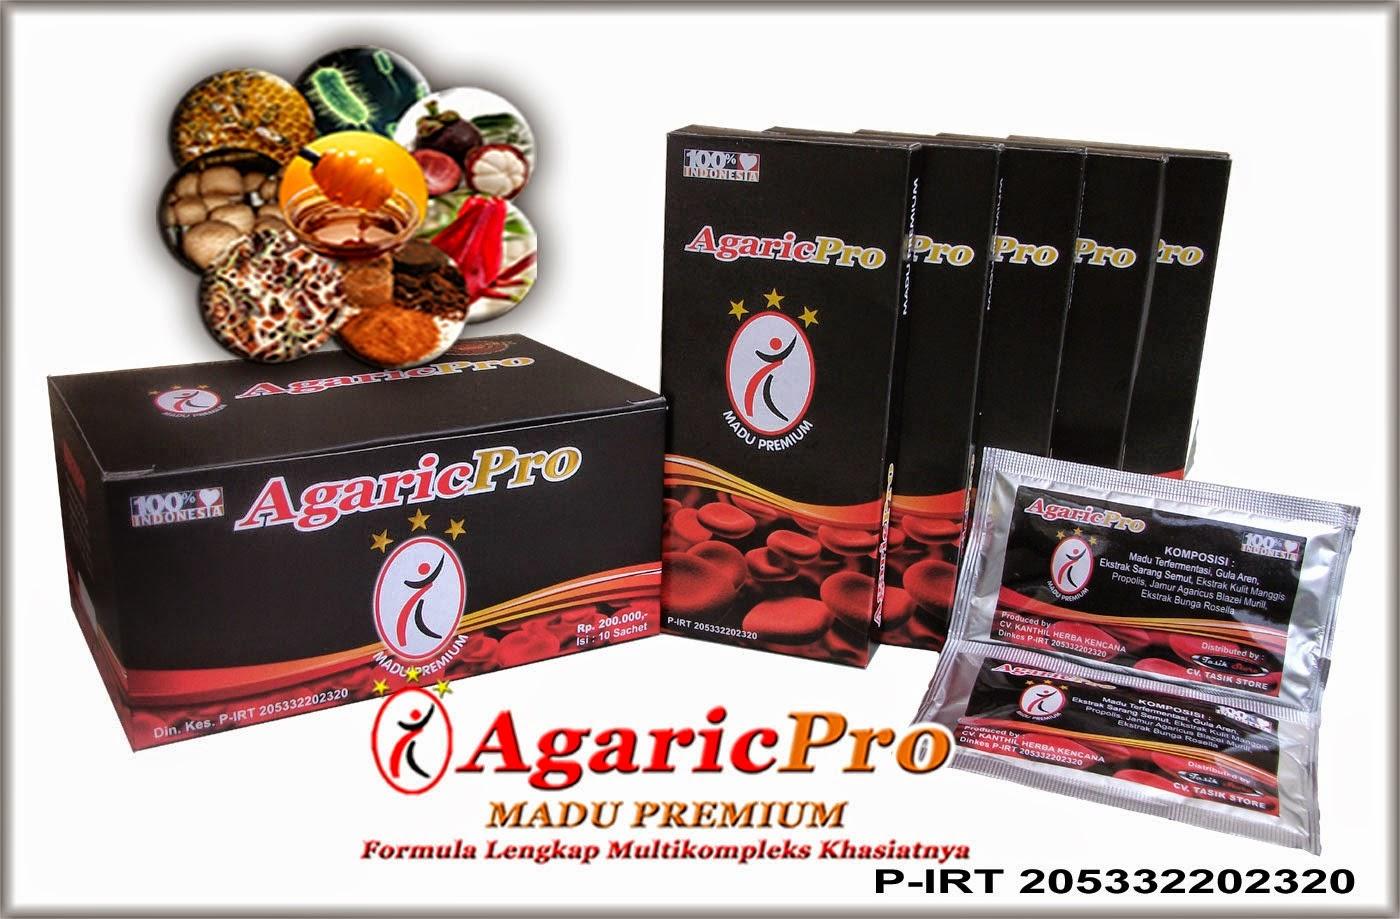 AgaricPro Obat Herbal Tradisional Asam Urat Paling Ampuh